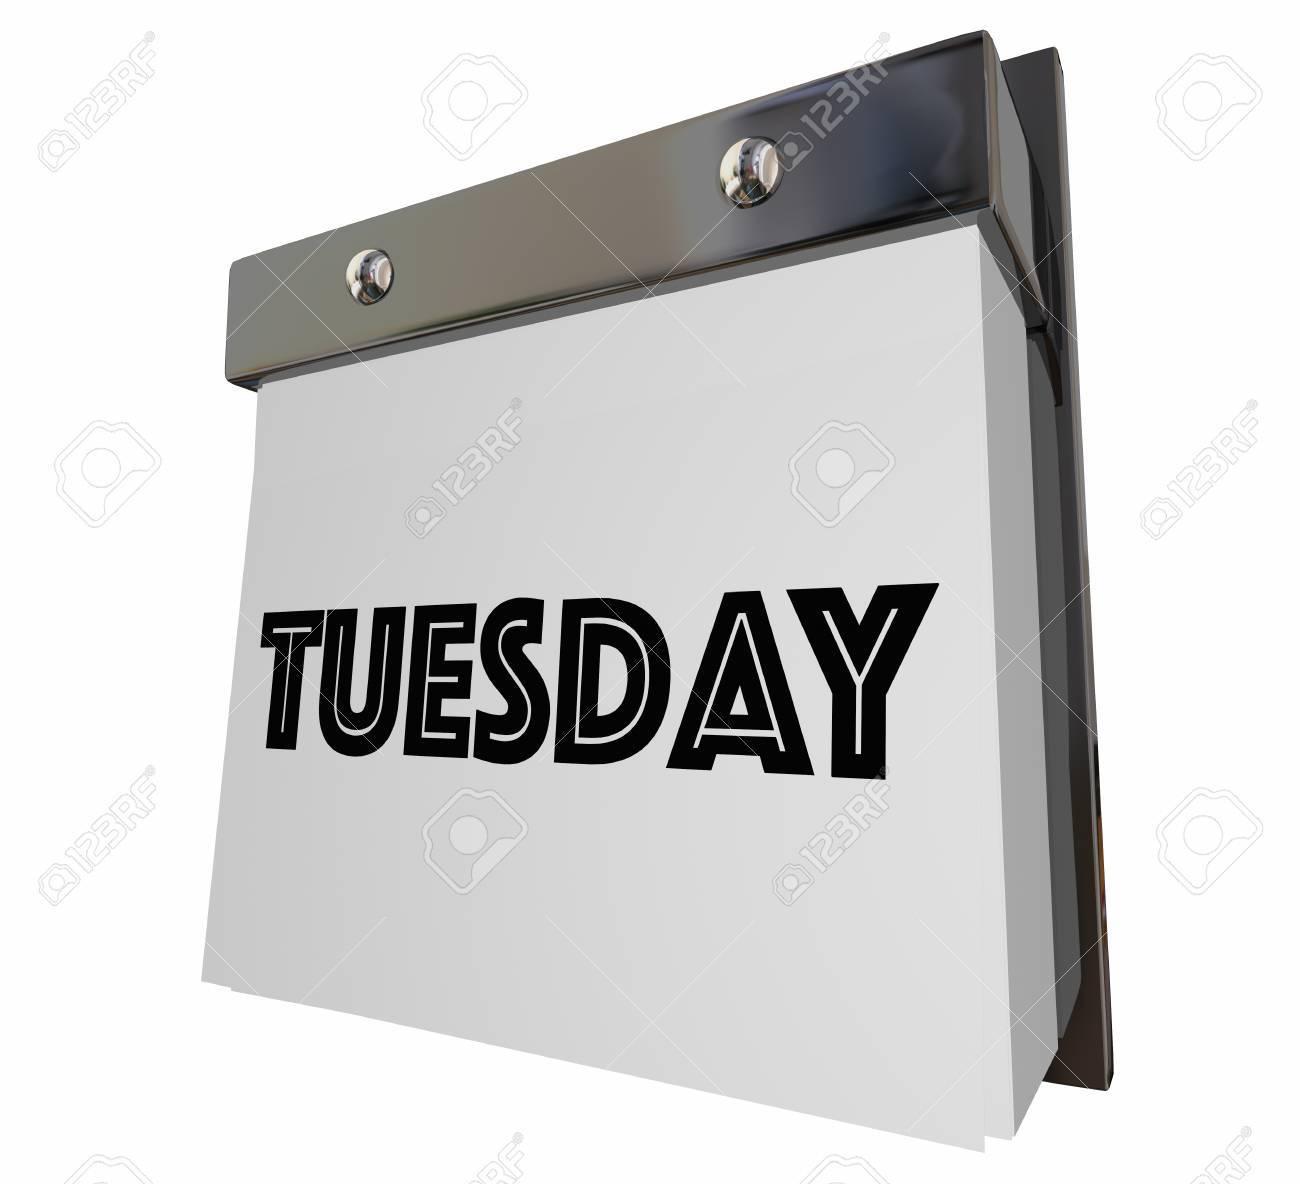 Calendario Giorno.Martedi La Pagina Del Calendario Word Giorno Illustrazione 3d